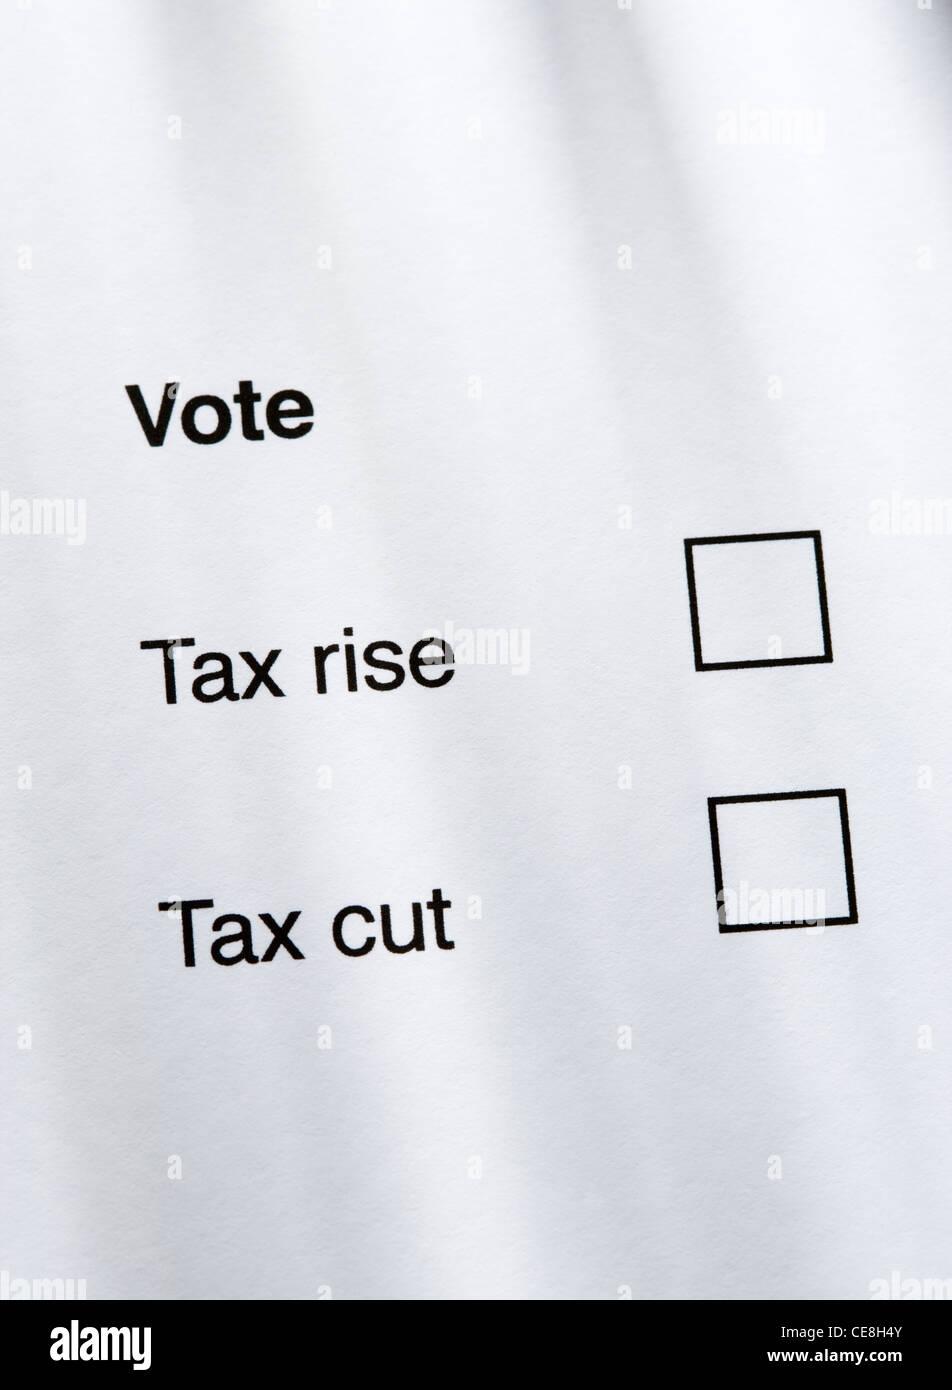 Subida de impuestos o concepto de recorte de impuestos. Imagen De Stock